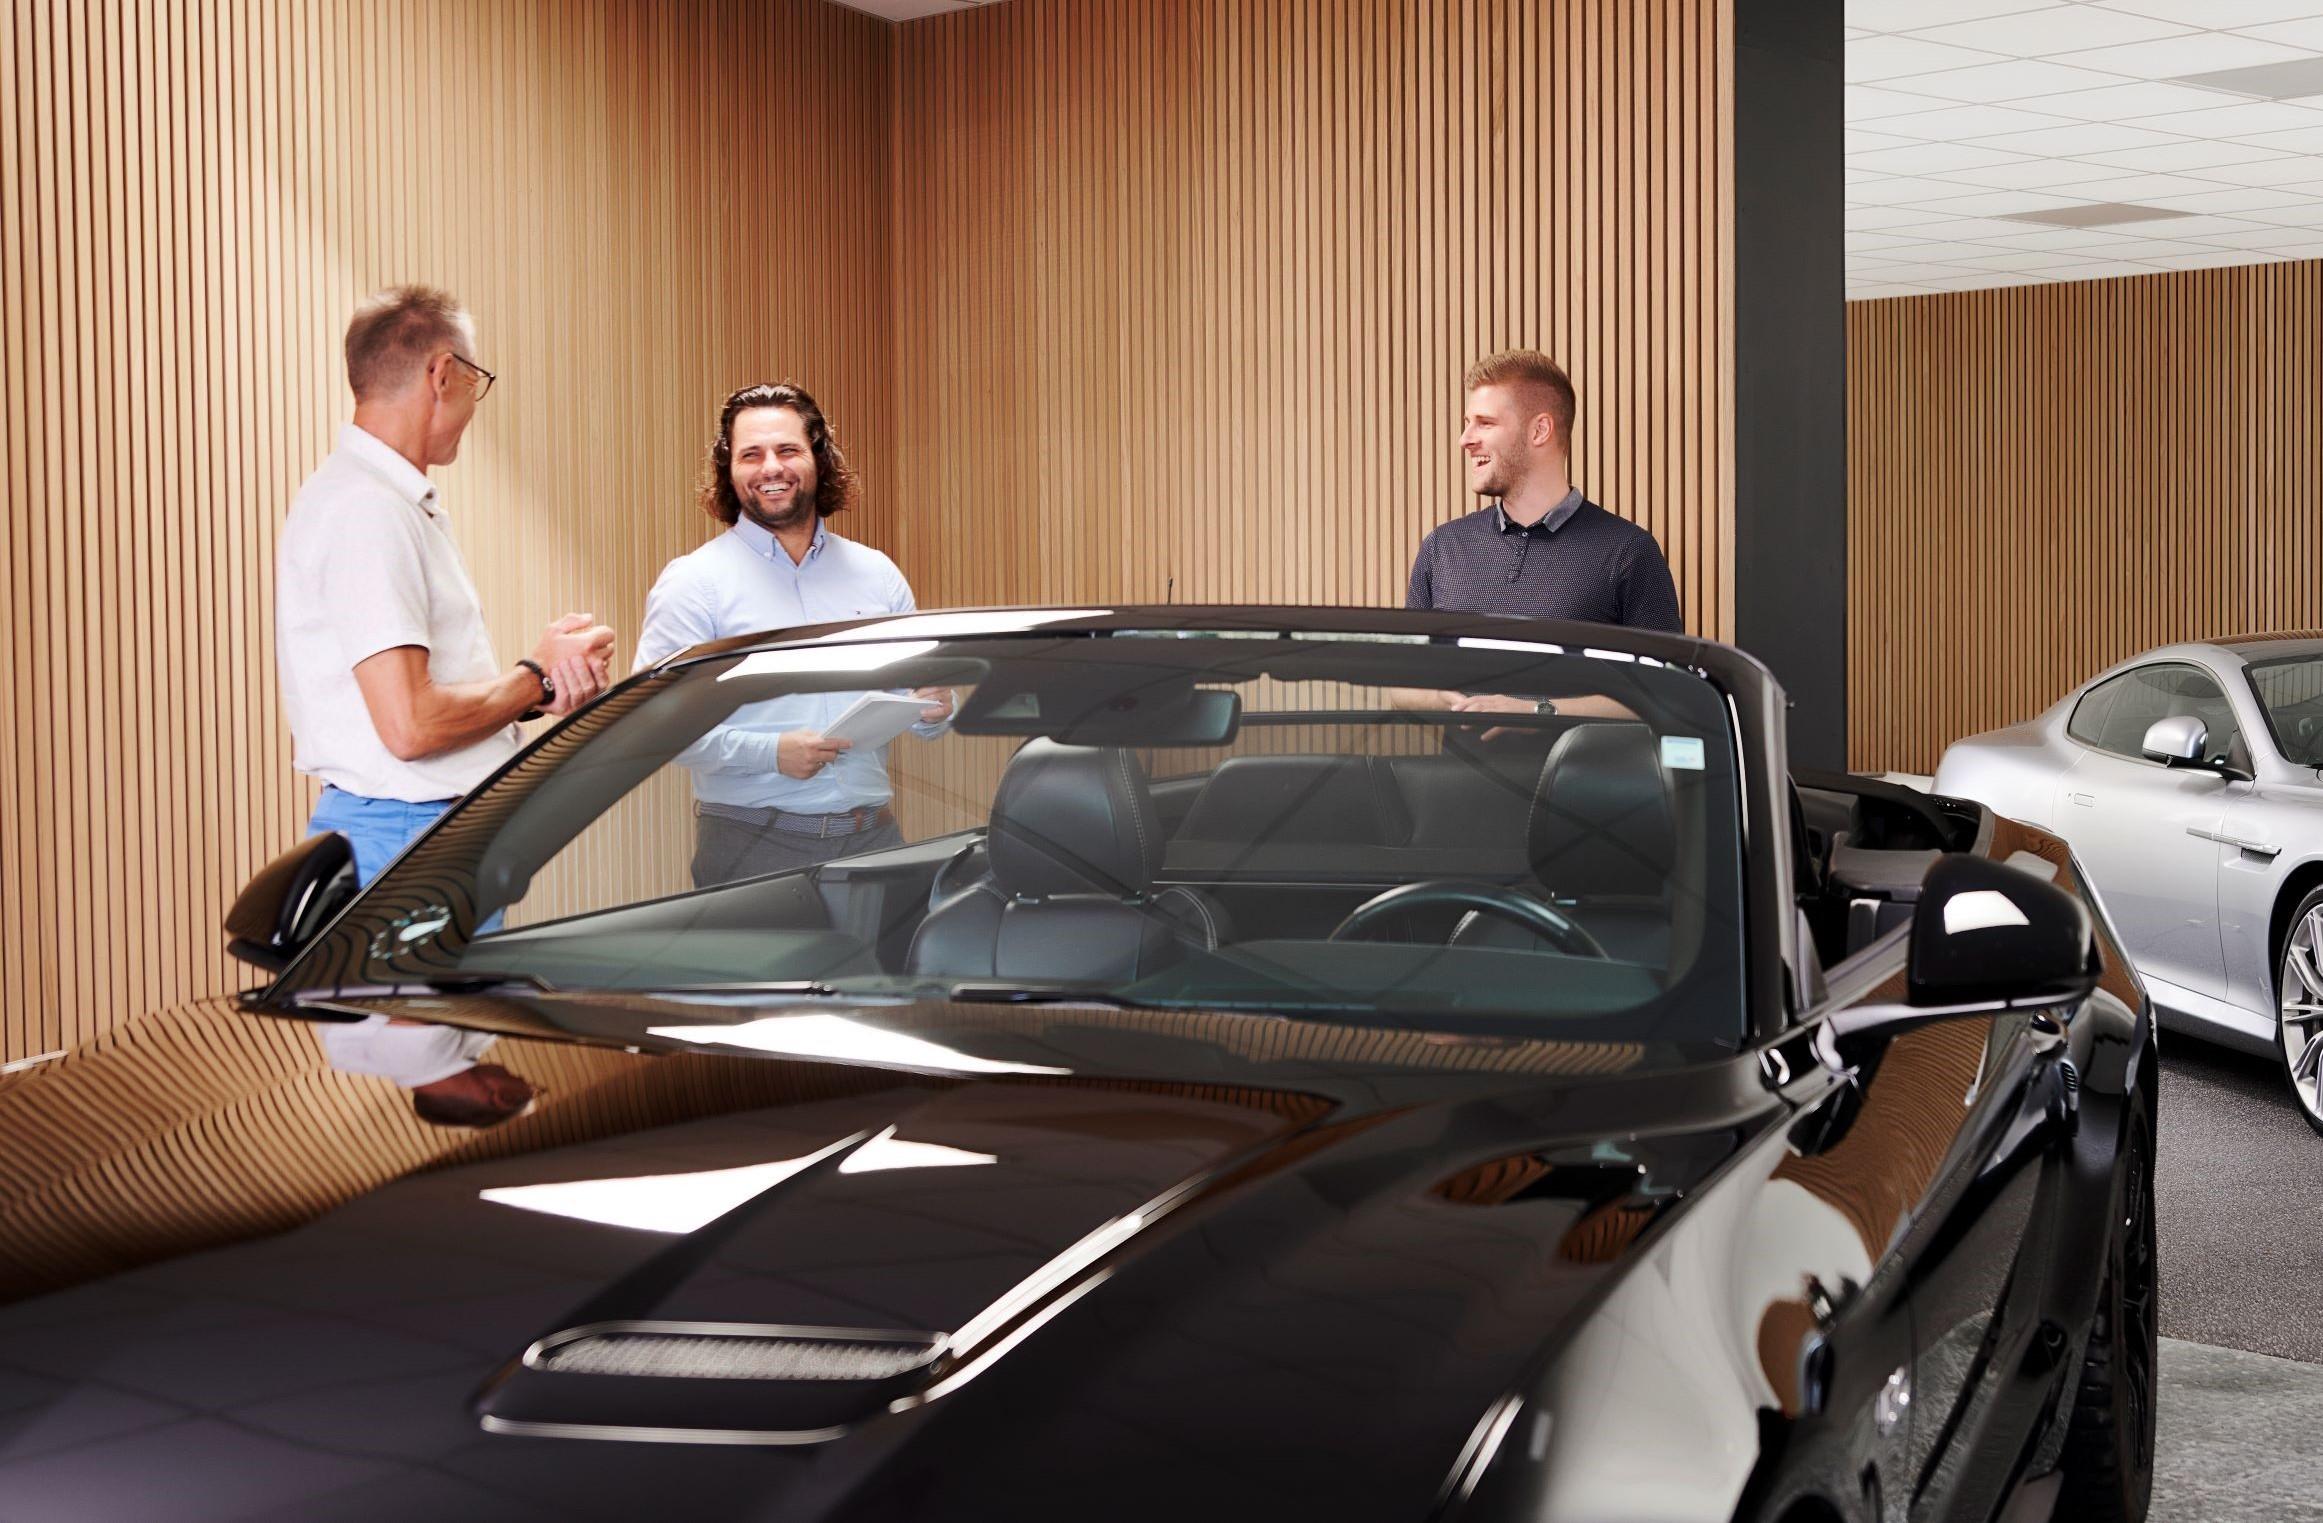 Tre mænd står og snakker henover en sort bil